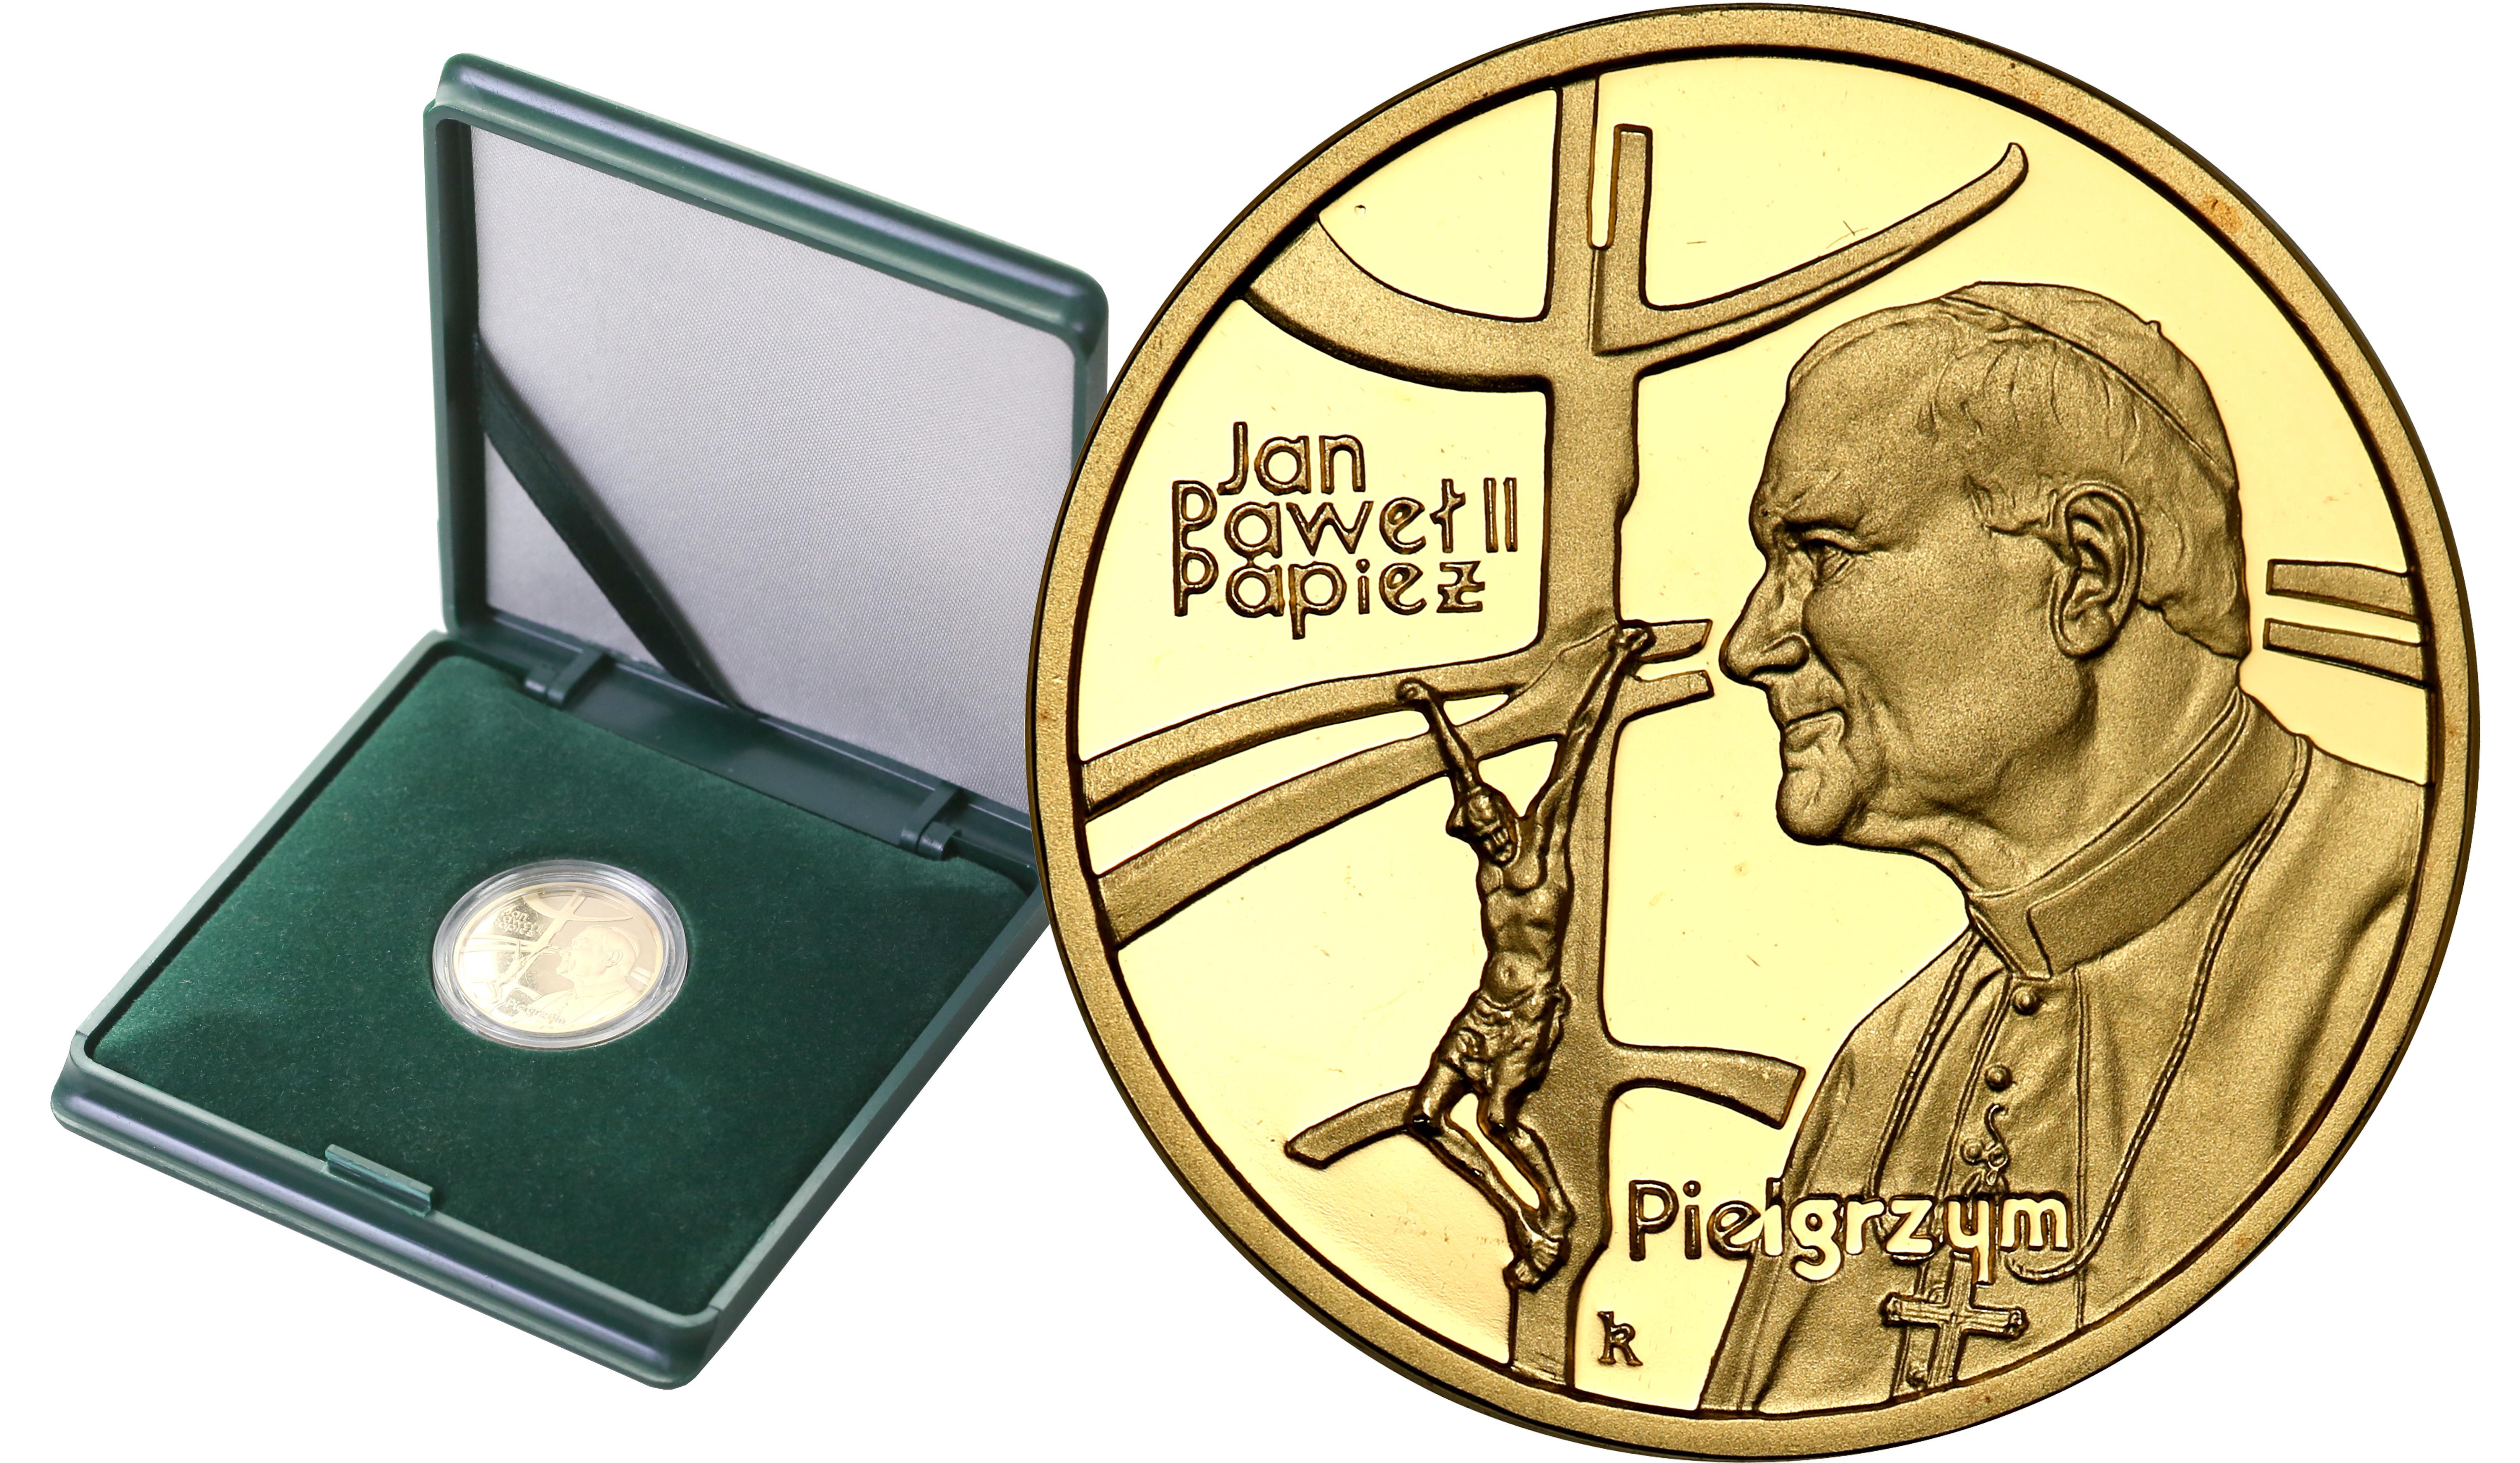 III RP. 100 złotych 1999 Jan Paweł II Papież Pielgrzym st.L